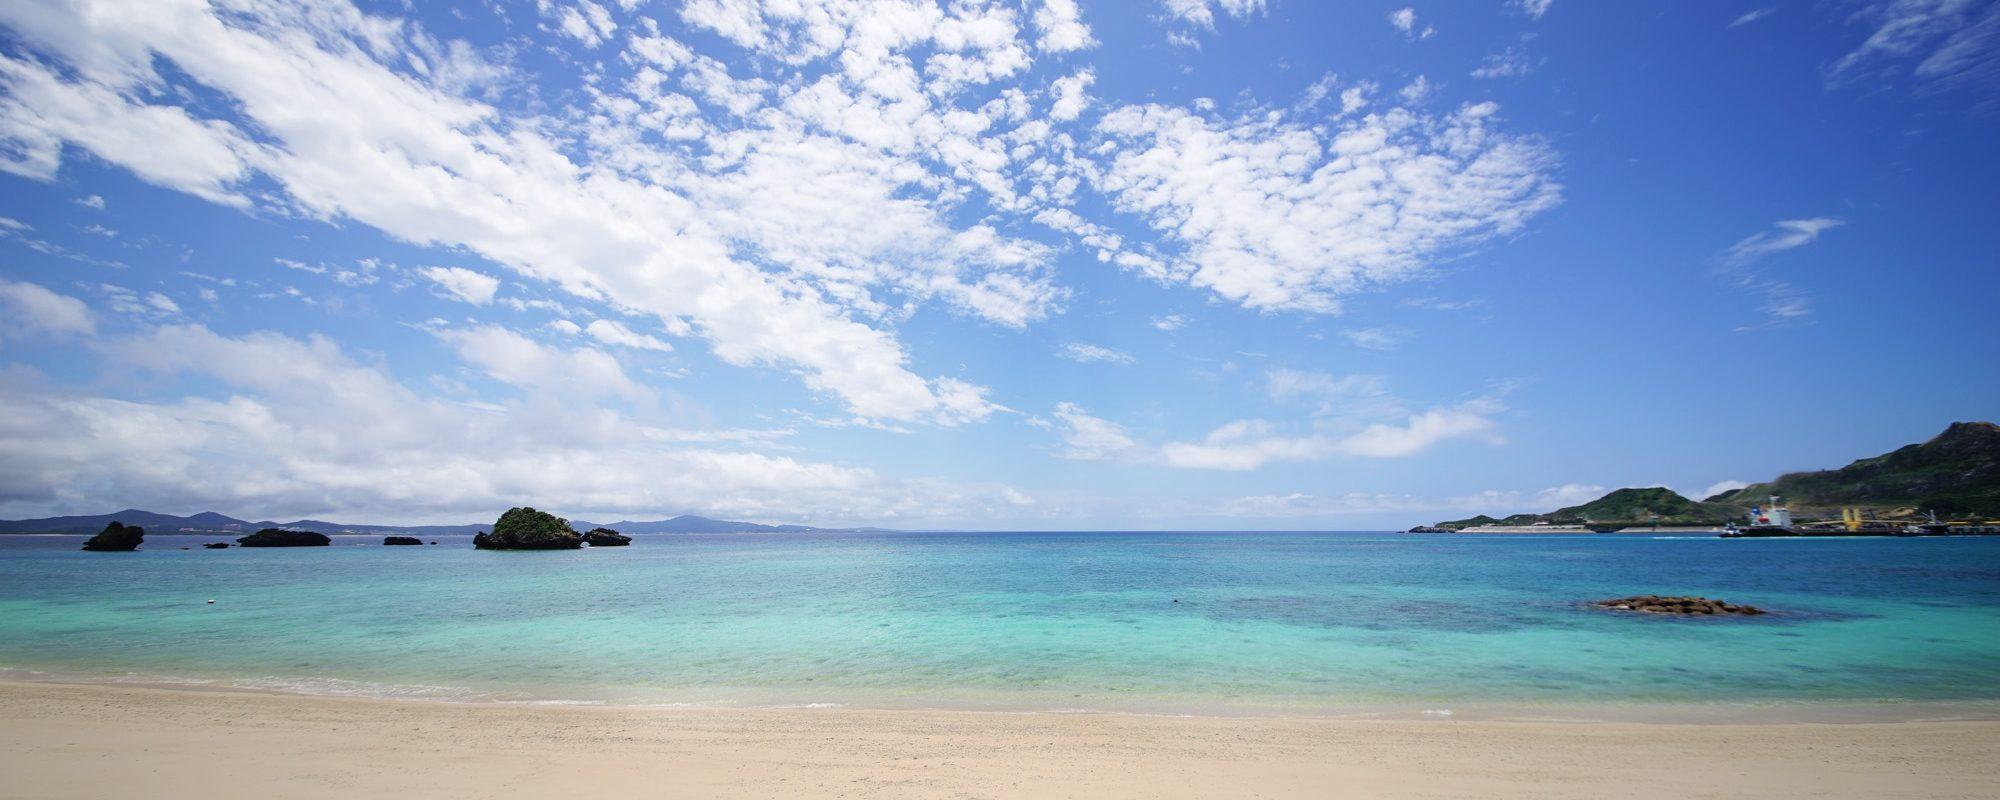 沖縄の絶景写真名護湾